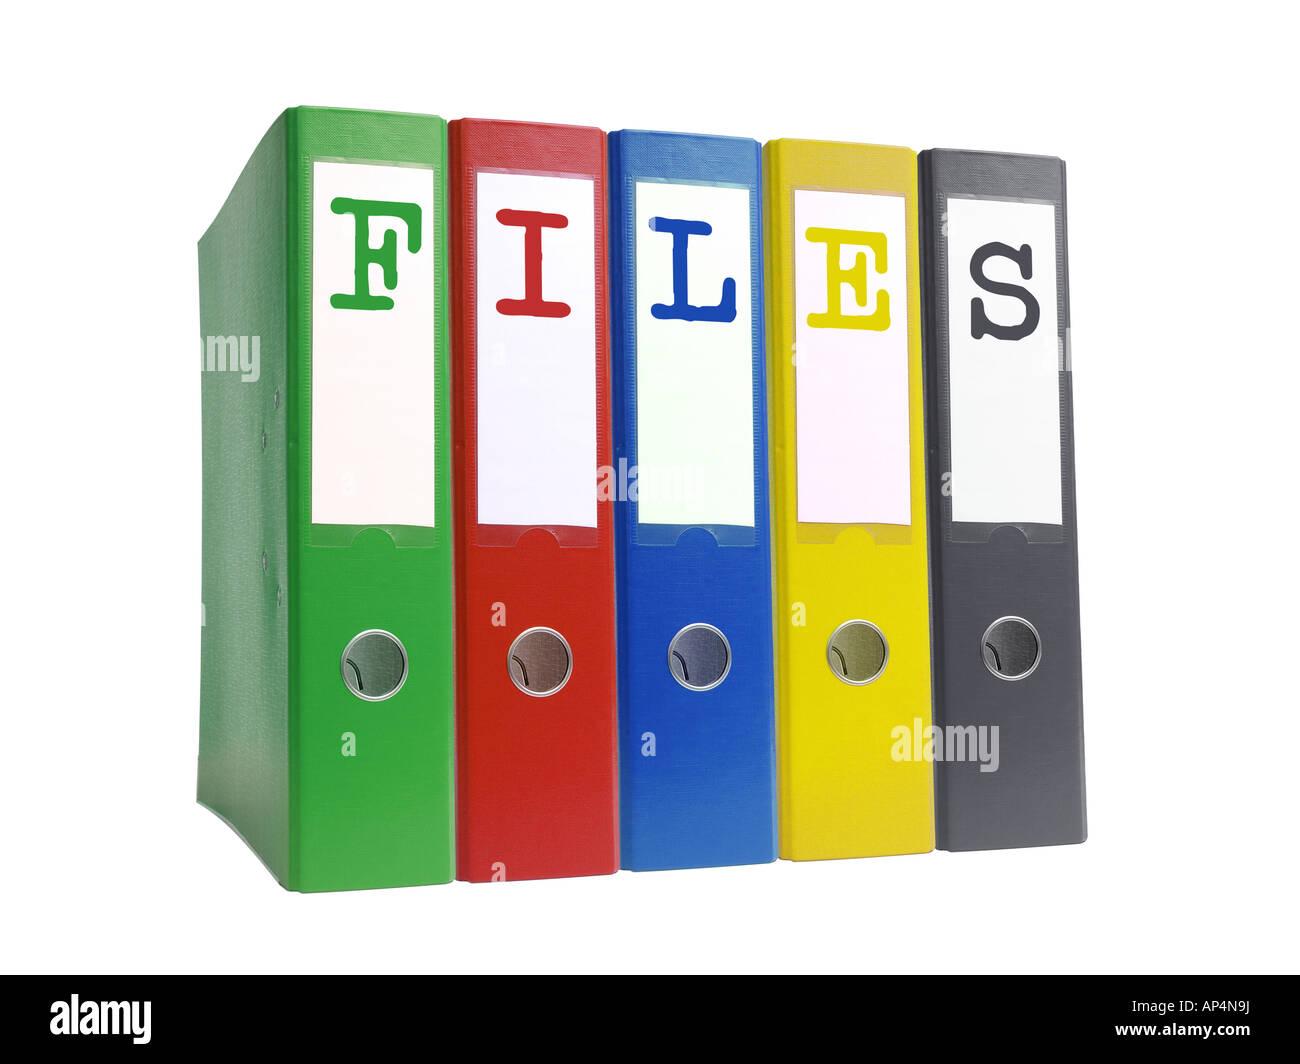 Fila de cinco anillas coloridas vacía los archivos de ortografía aislado sobre fondo blanco. Imagen De Stock